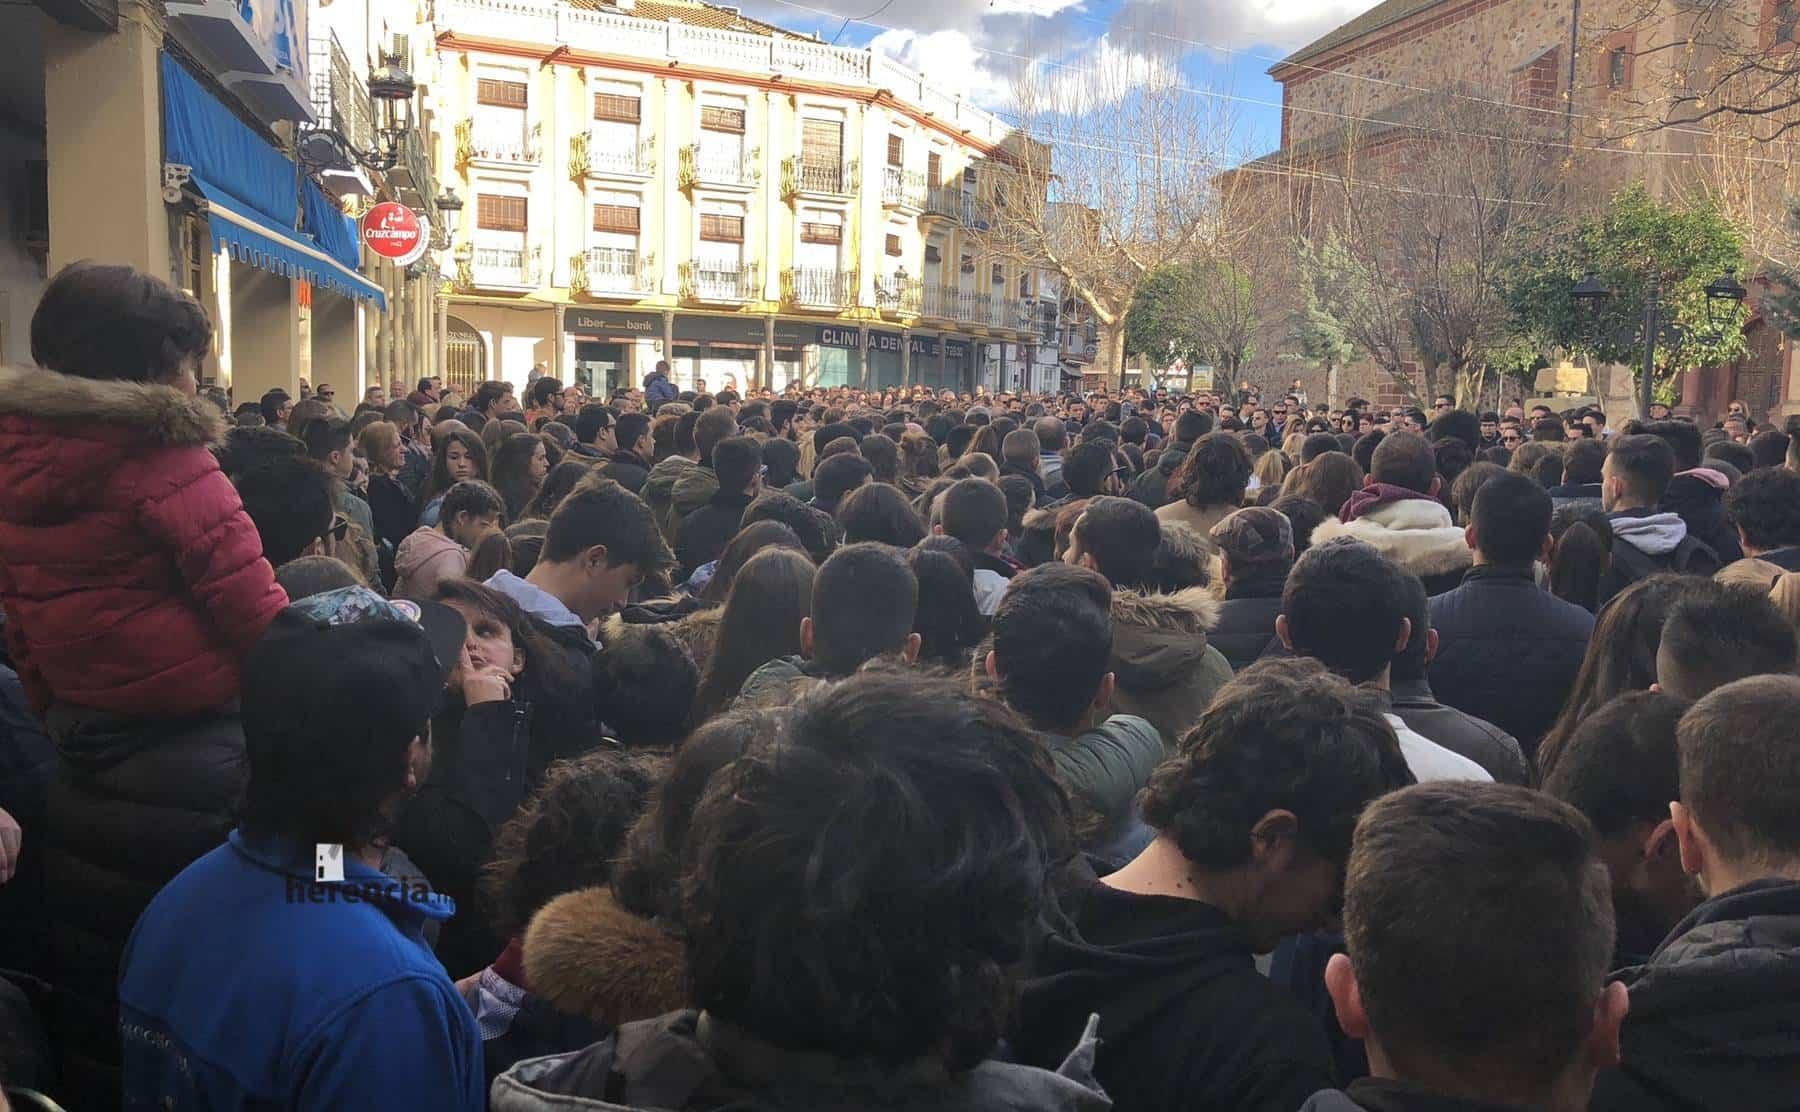 silencia contra violencia herencia 2 - Herencia muestra su condena a la violencia en la Plaza de España